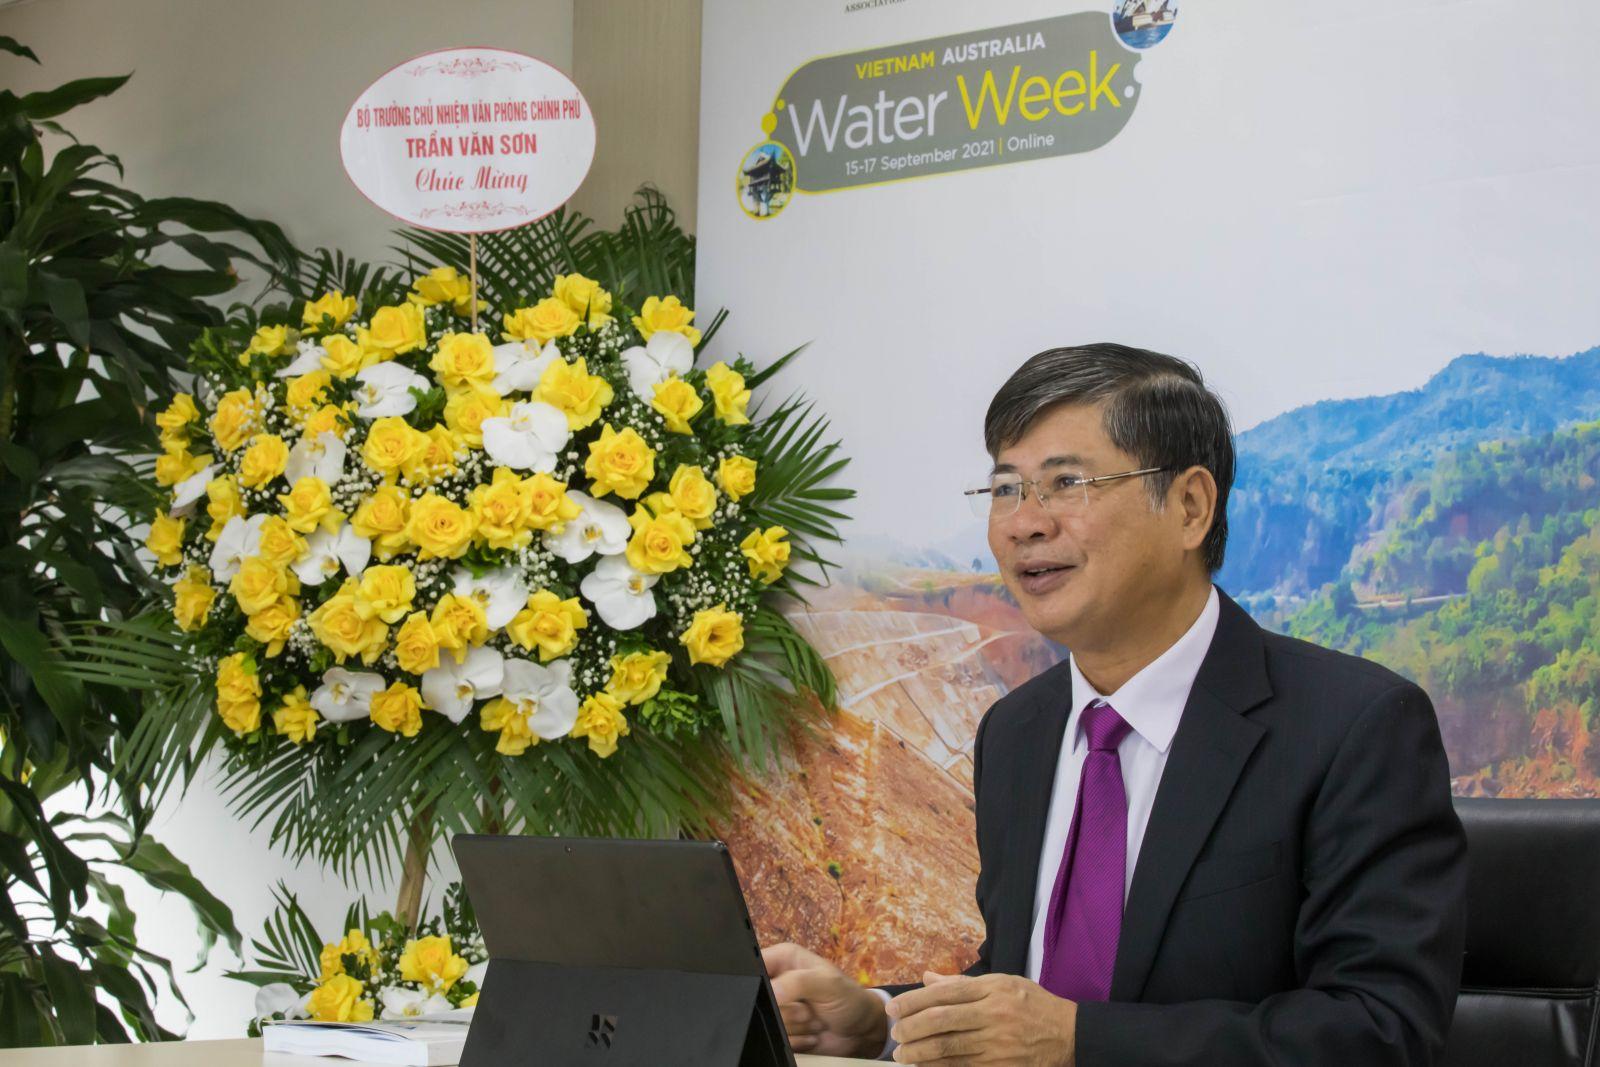 TUẦN LỄ NGÀNH NƯỚC VIỆT NAM - ÚC: An toàn cấp nước - Hướng tới sự phát triển bền vững